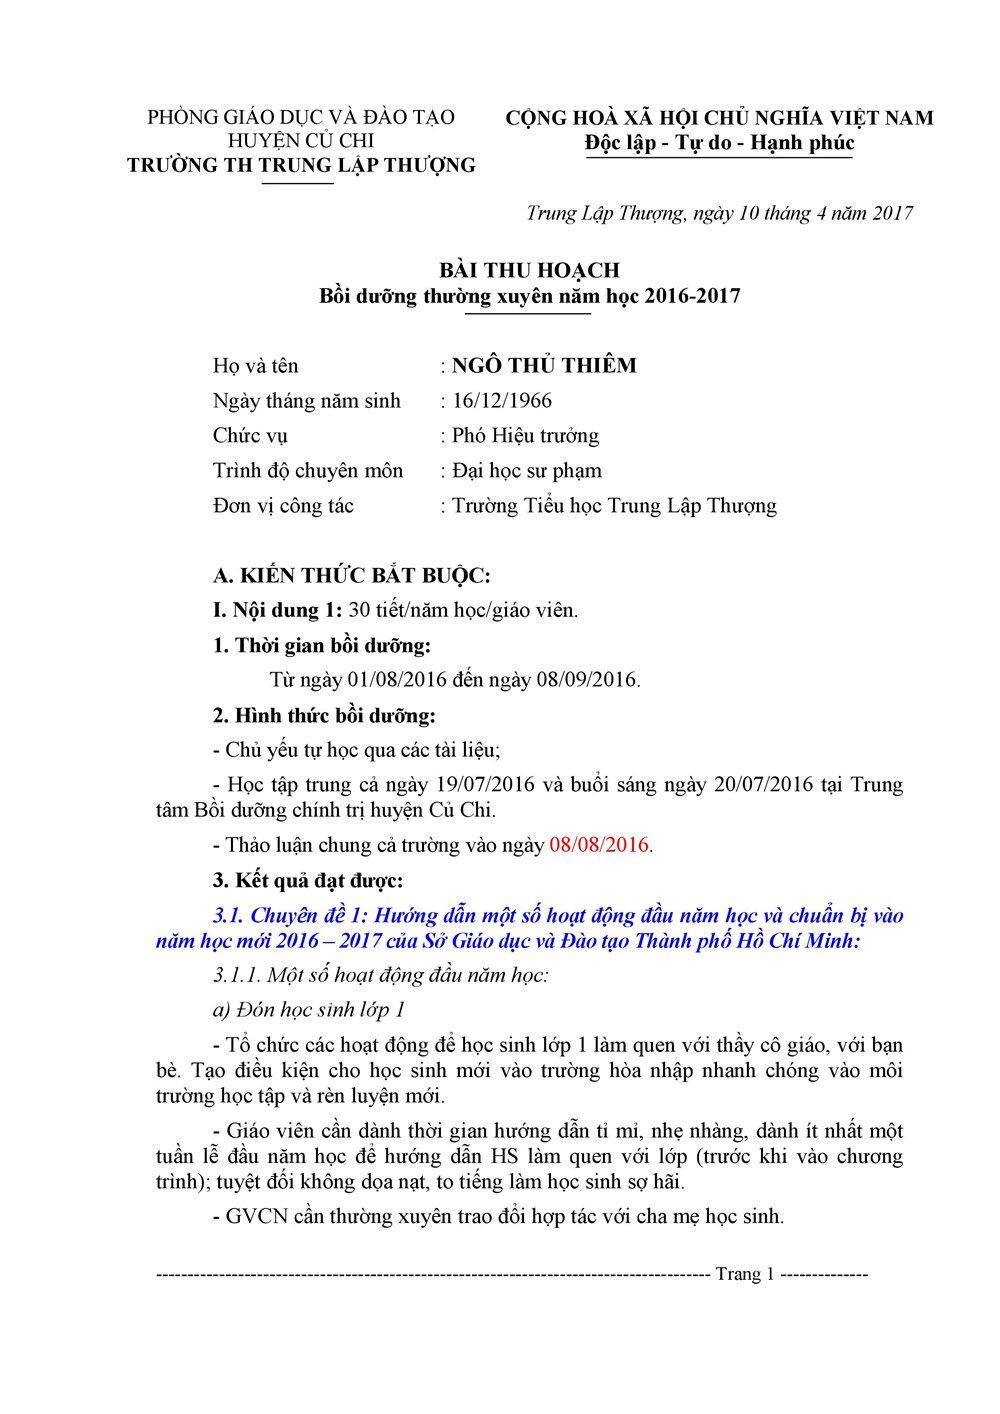 bài thu hoạch bồi dưỡng thường xuyên thcs module 6